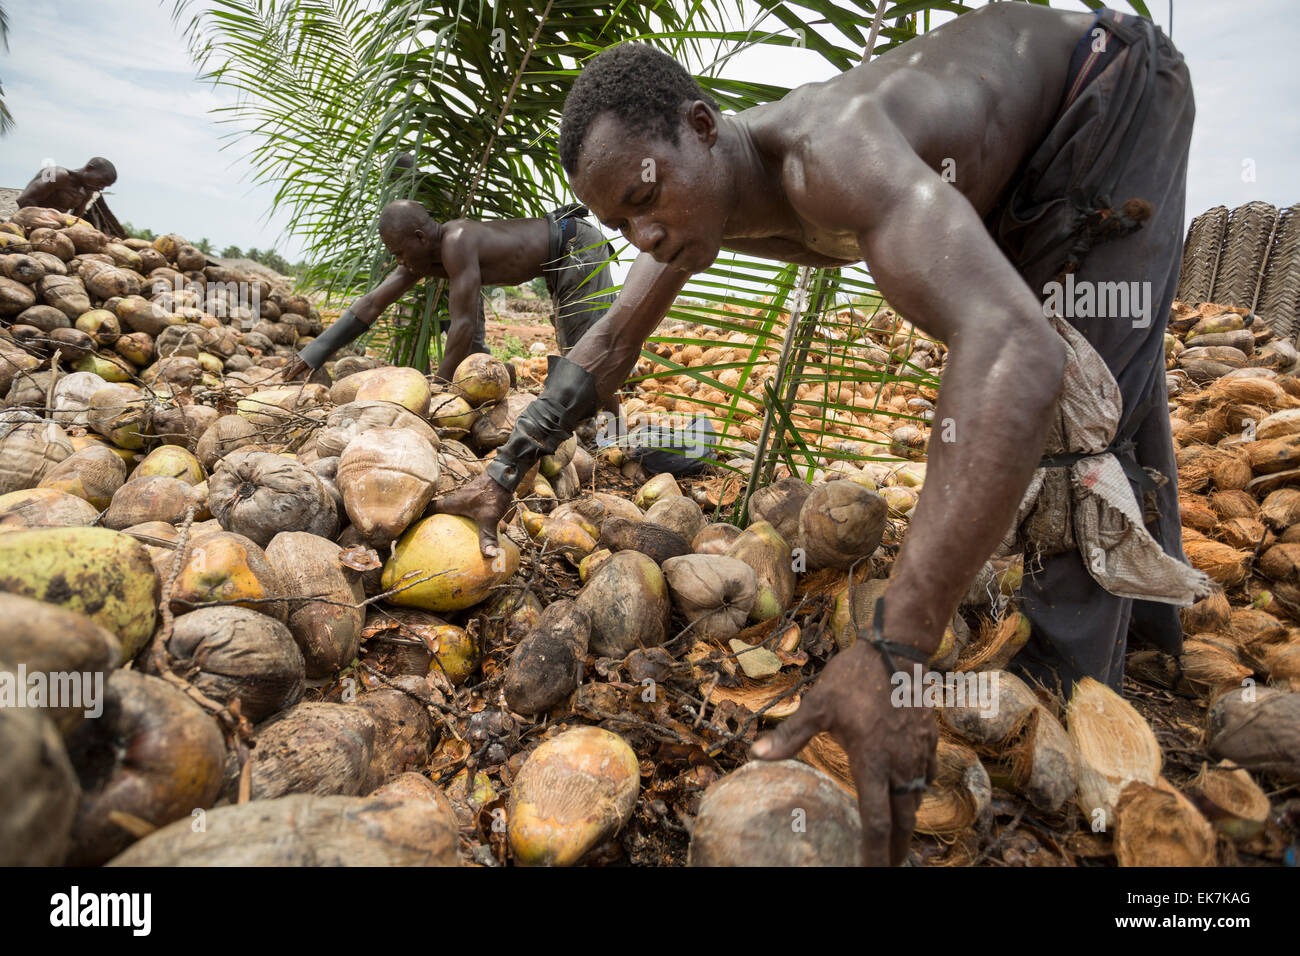 Un trabajador cáscaras de coco en una feria comercial de Productores de coco en Grand Bassam, Costa de Marfil, Imagen De Stock